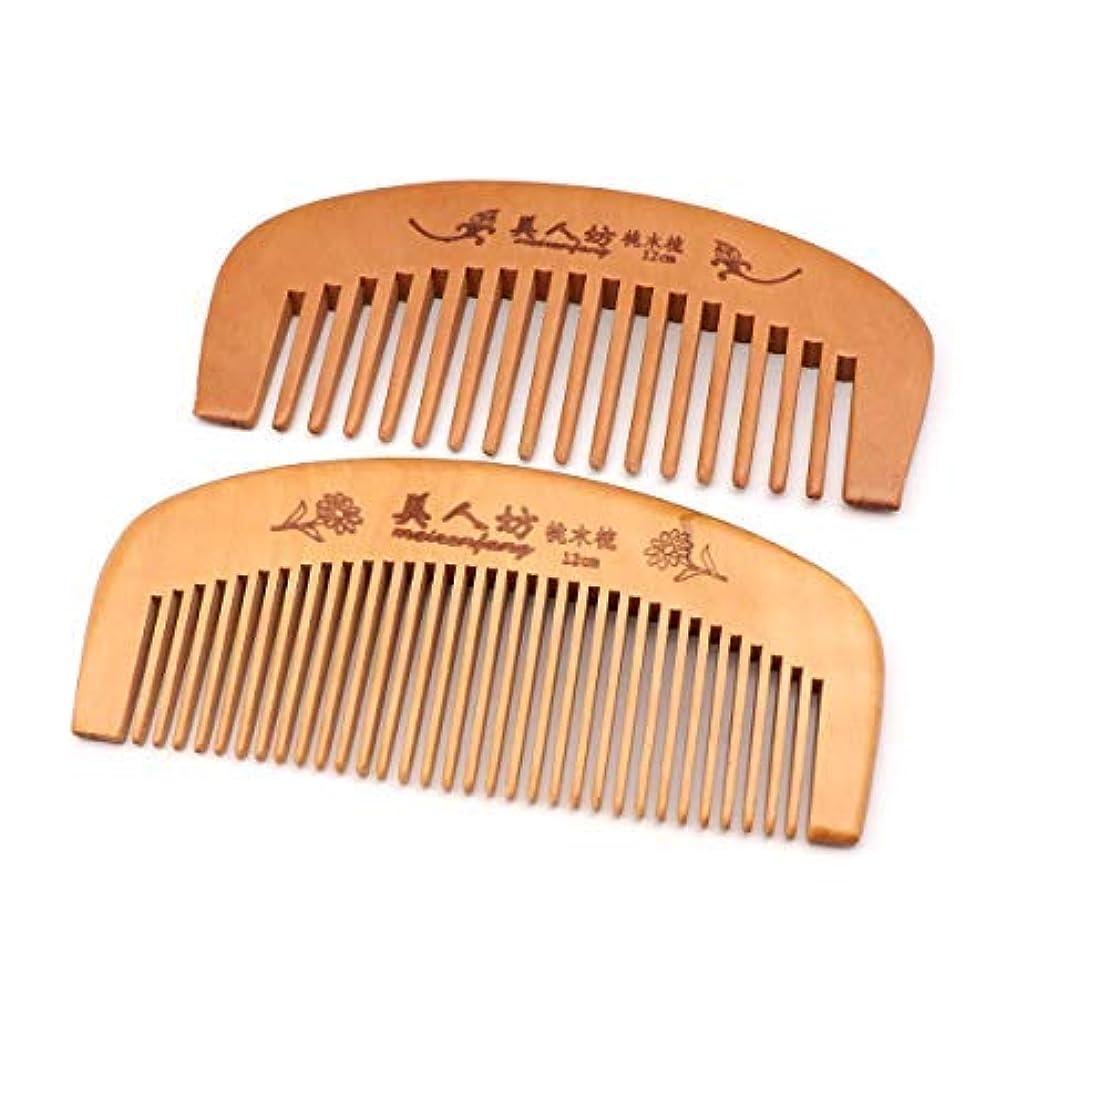 懐疑的排泄する飛行機Handmade Wooden Hair Comb for Curly Wide Toothed Wooden Comb, anti-Static and Barrier-free Hand Brushing Beard, hair, Suitable for Women, Male Static Natural Wood Sandalwood Comb (Short comb) [並行輸入品]